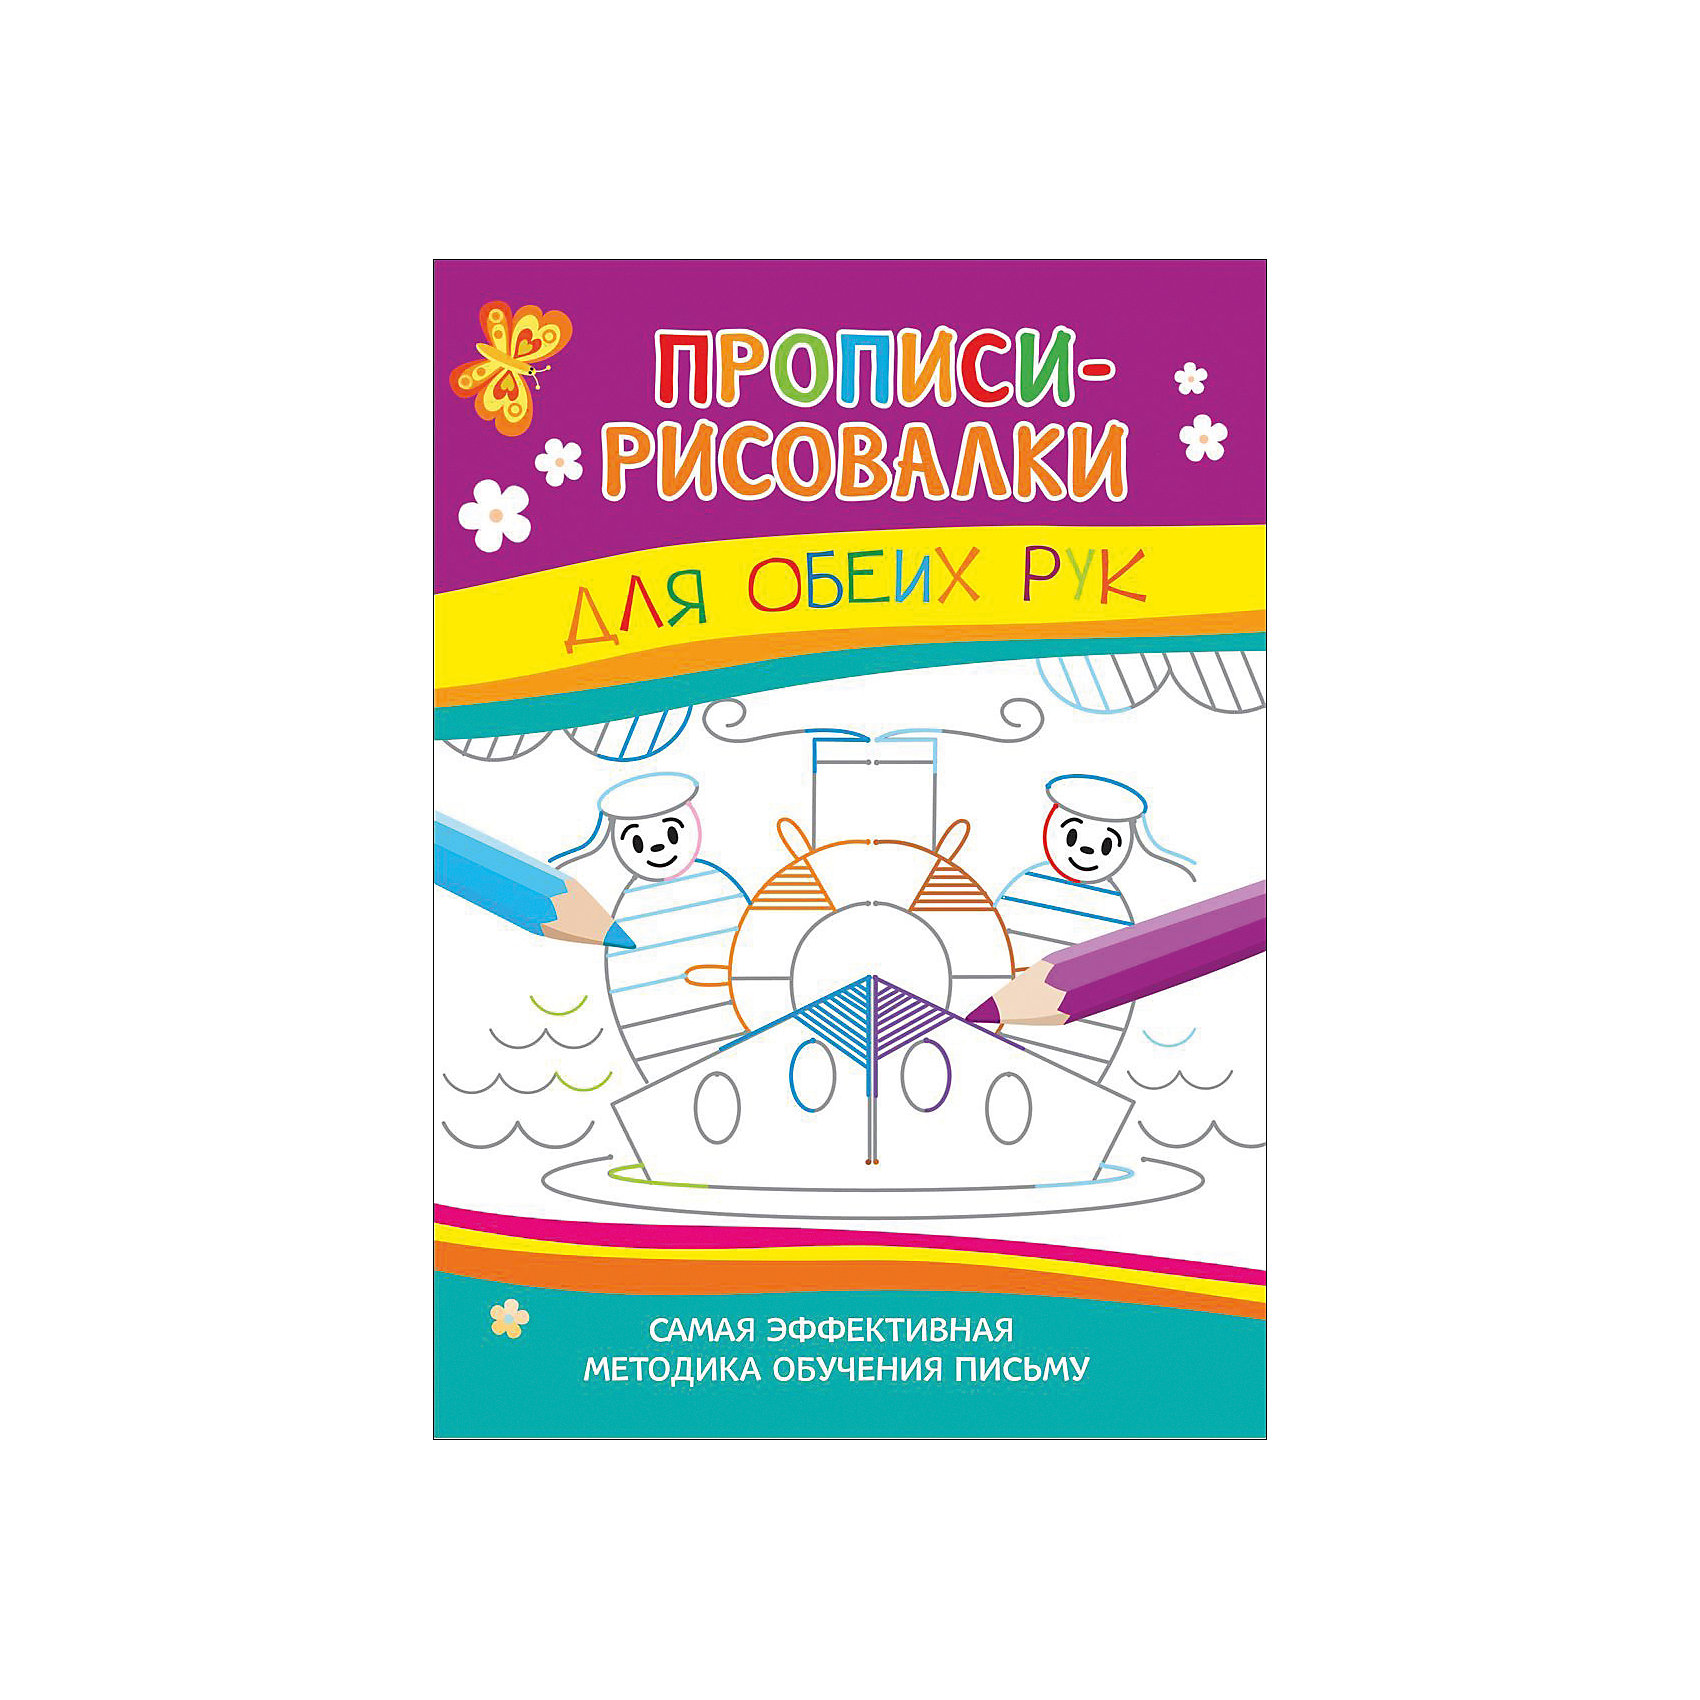 Прописи-рисовалки Моряки, для обеих рукПрописи<br>Характеристики товара:<br><br>- цвет: разноцветный;<br>- материал: бумага;<br>- страниц: 16;<br>- формат: 28 х 20 см;<br>- обложка: мягкая;<br>- развивающее издание.<br><br>Это интересное развивающее издание станет отличным подарком для родителей и ребенка. Оно содержит в себе задания в игровой форме, с помощью которых учиться писать гораздо проще. Всё представлено в очень простой форме! Это издание поможет привить любовь к учебе!<br>Такое обучение помогает ребенку развивать зрительную память, концентрацию внимания и воображение. Издание произведено из качественных материалов, которые безопасны даже для самых маленьких.<br><br>Издание Прописи-рисовалки Моряки, для обеих рук от компании Росмэн можно купить в нашем интернет-магазине.<br><br>Ширина мм: 280<br>Глубина мм: 195<br>Высота мм: 3<br>Вес г: 80<br>Возраст от месяцев: 0<br>Возраст до месяцев: 36<br>Пол: Унисекс<br>Возраст: Детский<br>SKU: 5110019